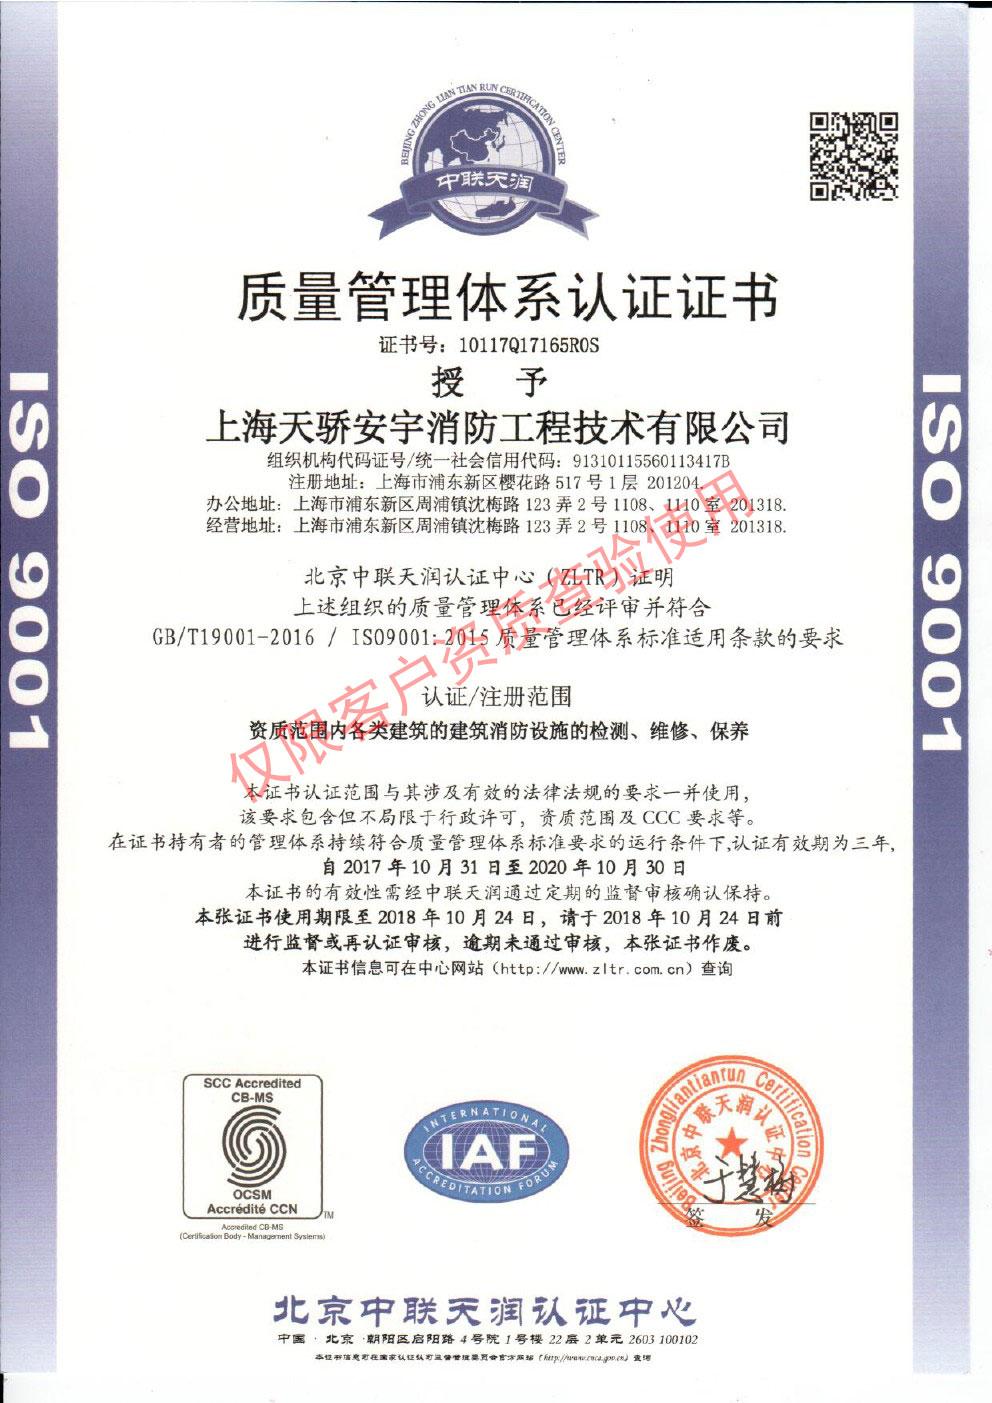 天骄质量管理体系认证证书